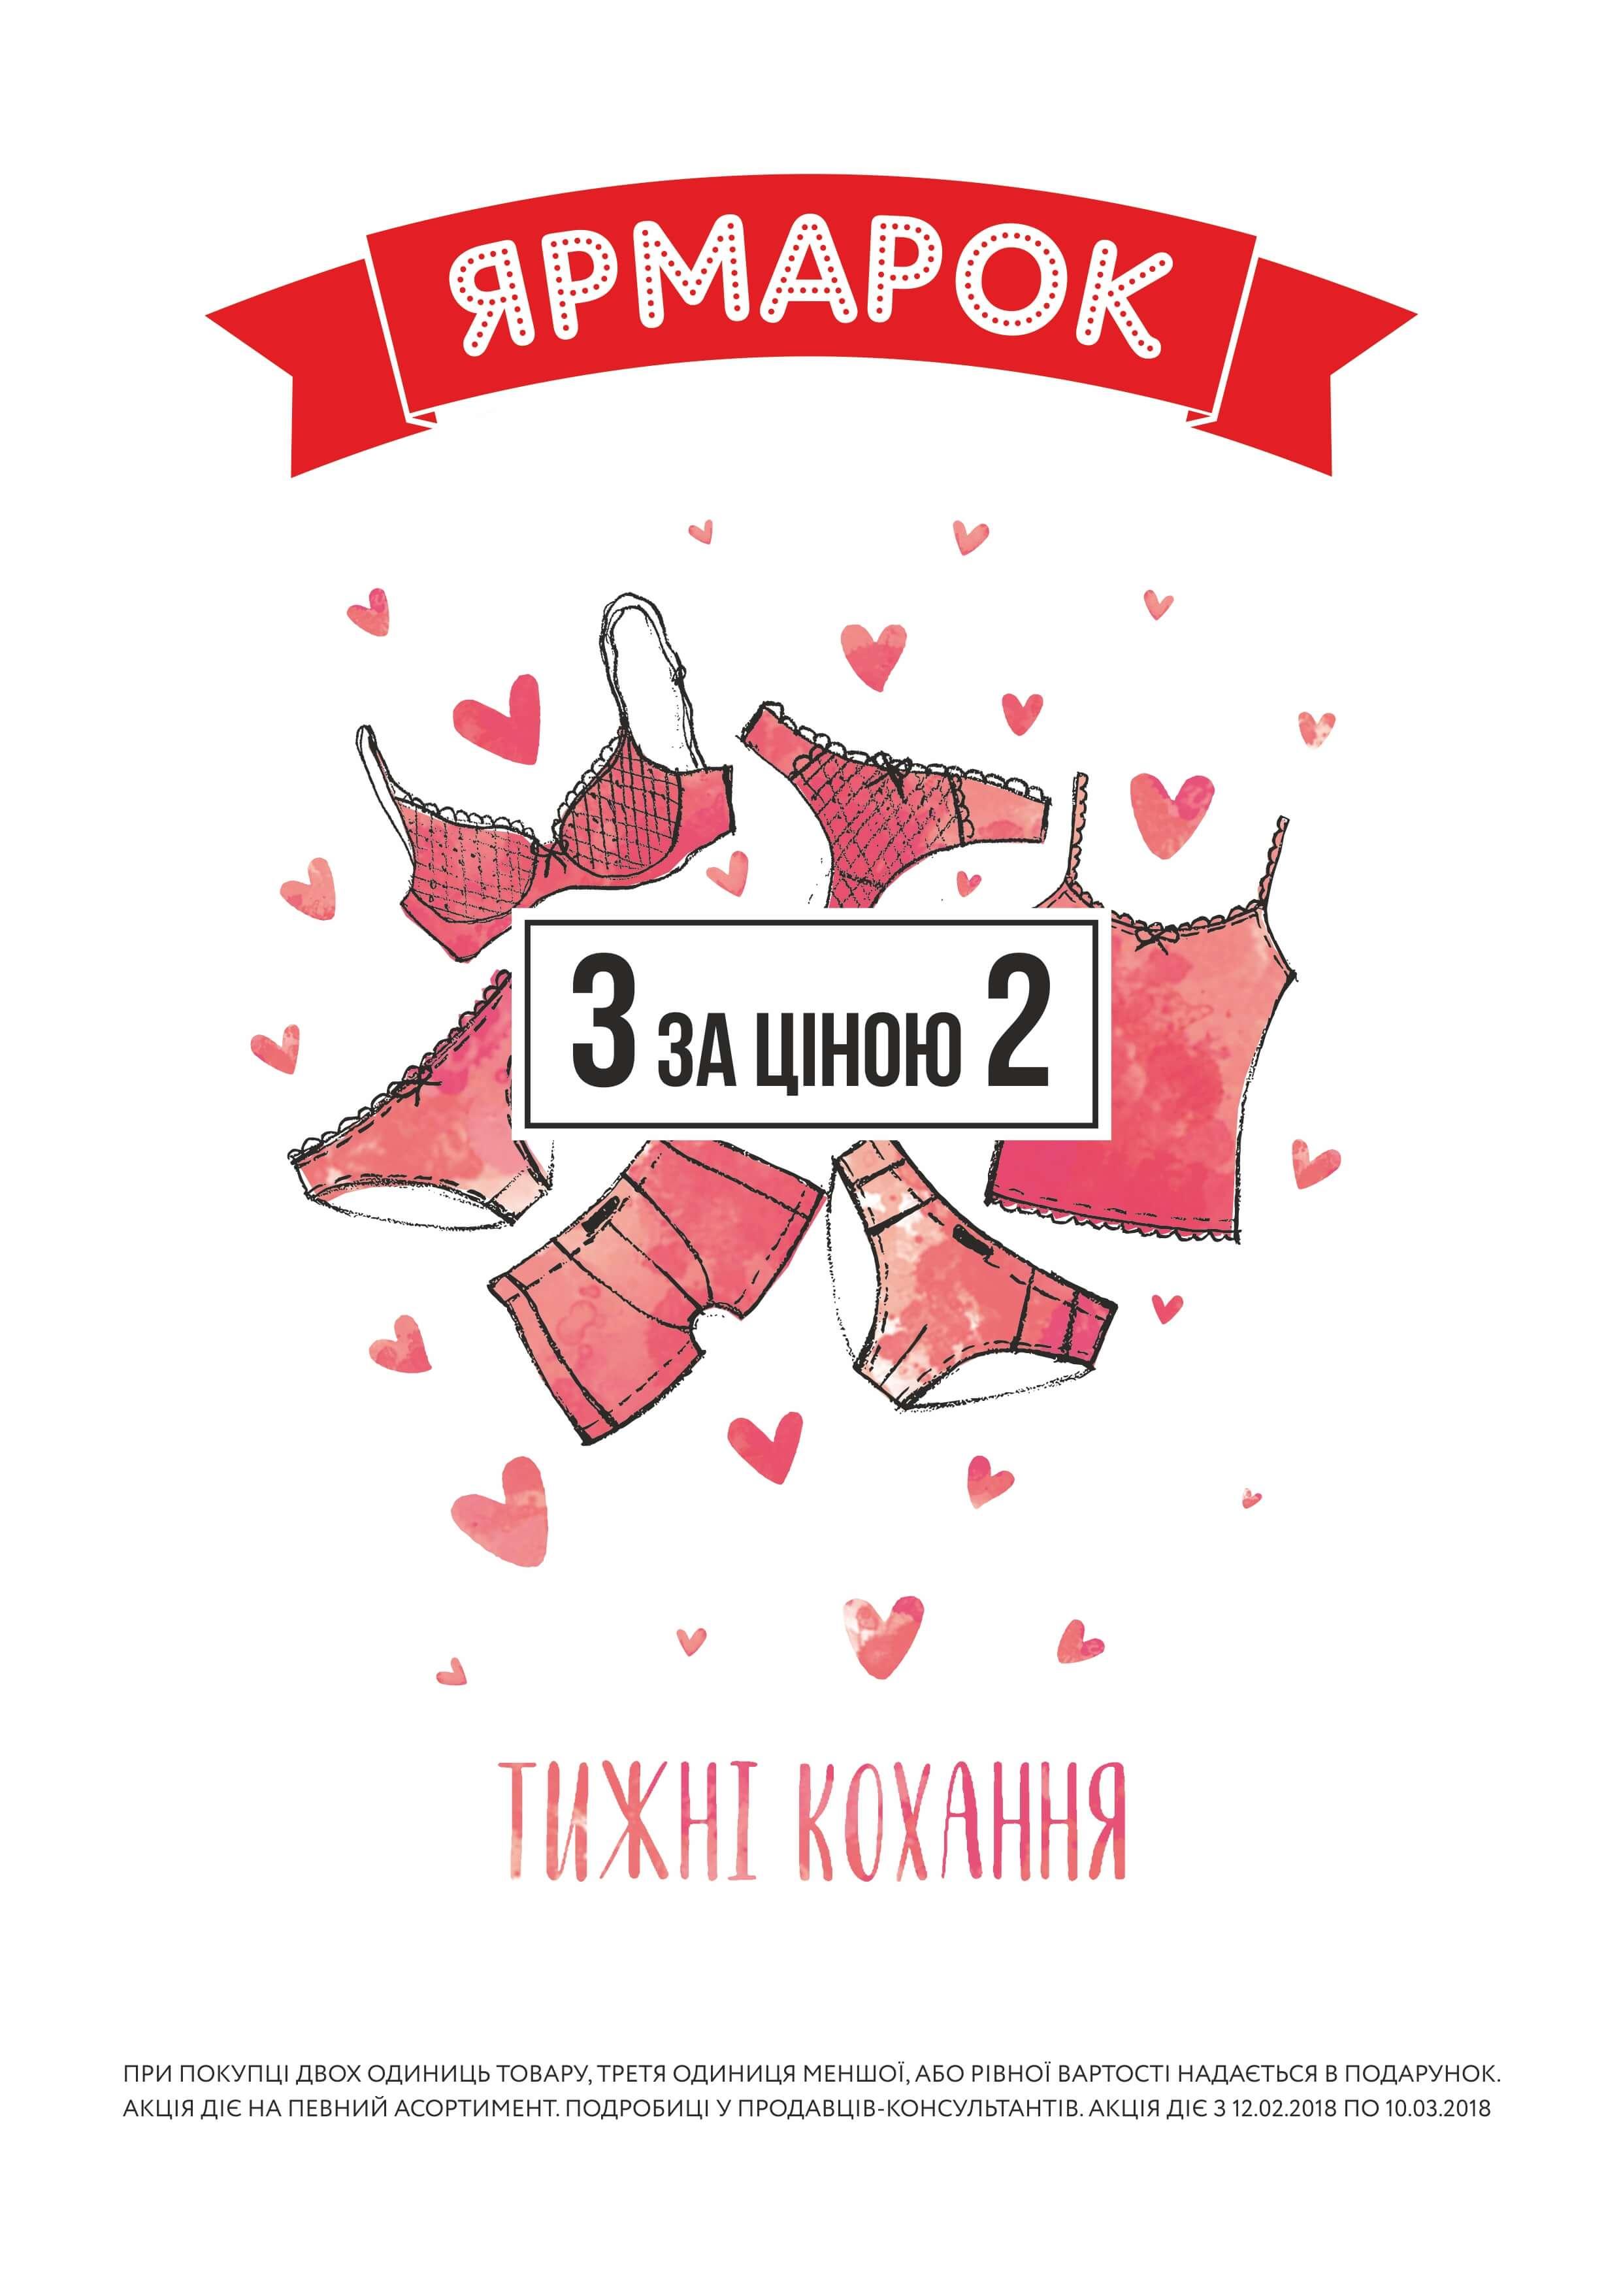 «Тижні кохання» в магазинах Білизна.Street